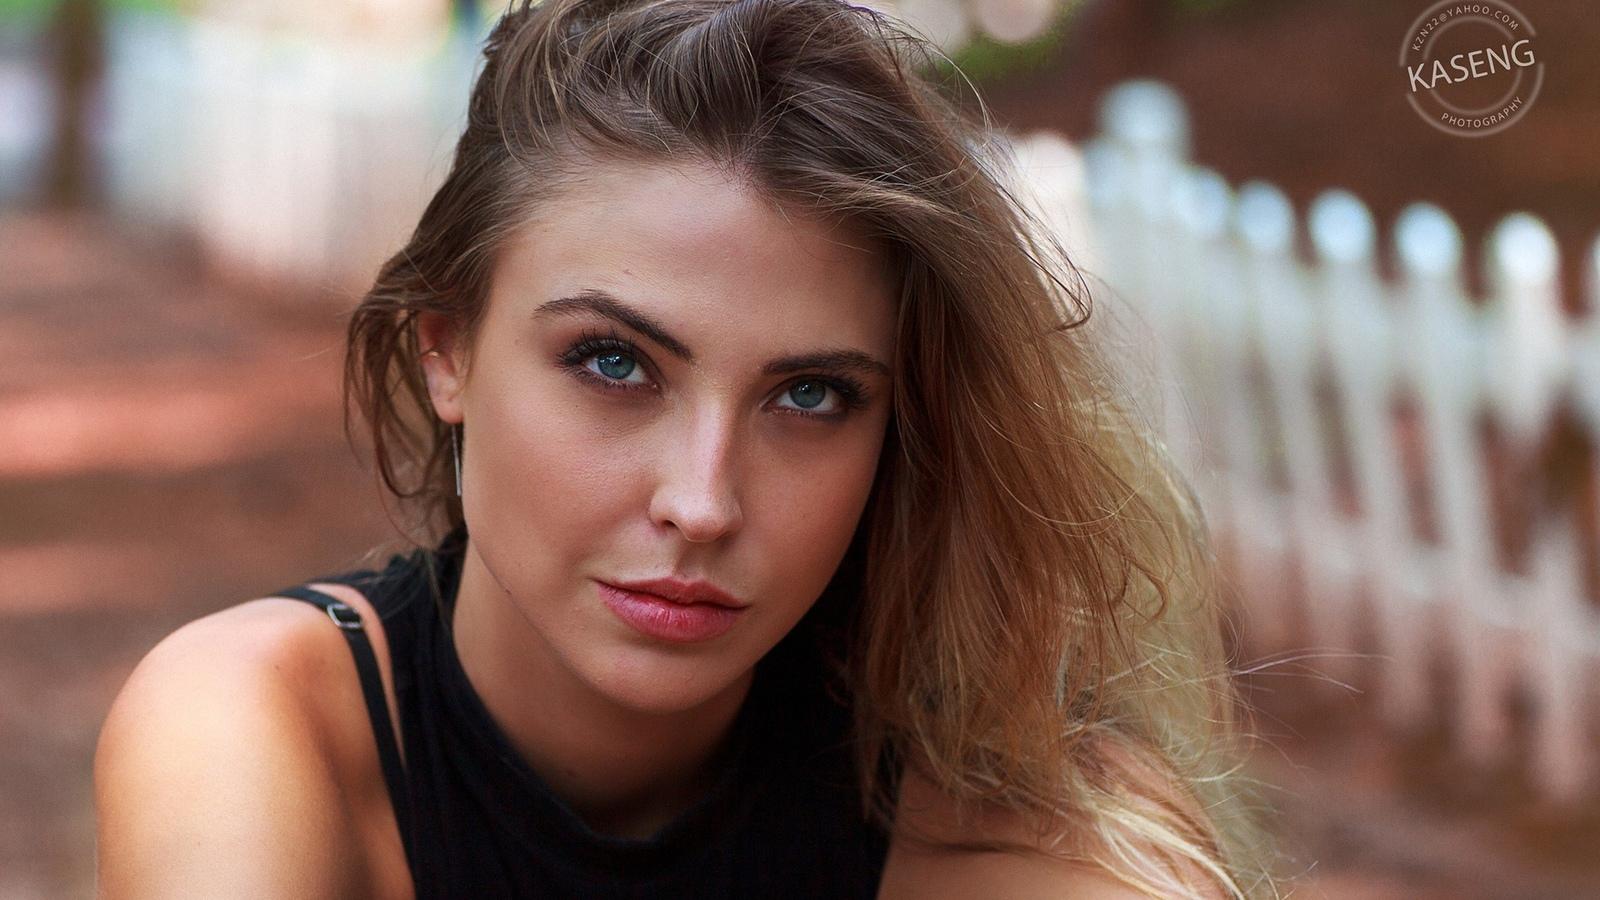 девушка, взгляд, портрет, проф фото